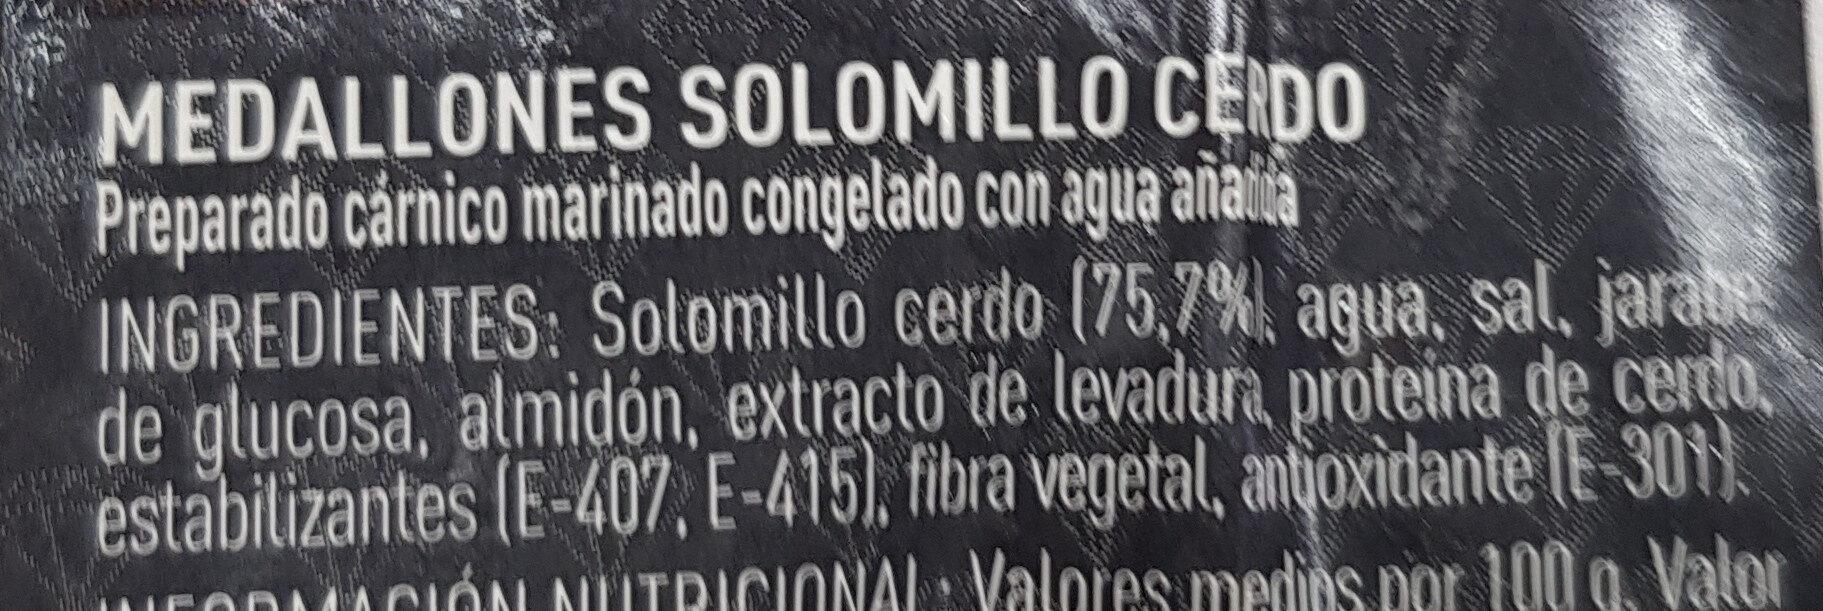 Medallones solomillo marinado - Ingredients - es